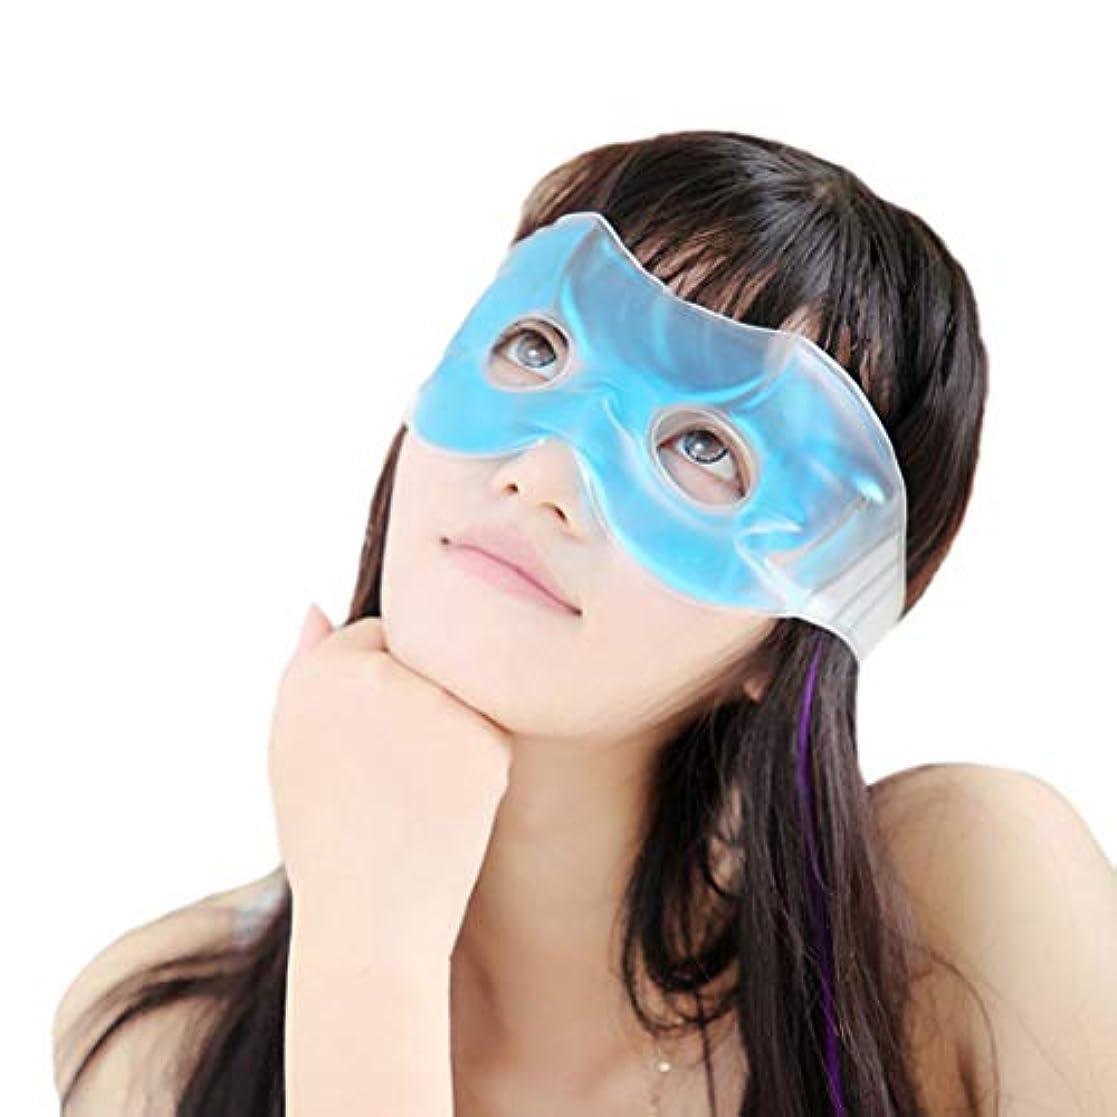 巡礼者シマウマ印をつけるHealifty アイマスク ゲル アイスパッド アイスアイマスク 目隠し リラックス 冷却 パック 再使用可能 目の疲れ軽減 安眠 血行促進